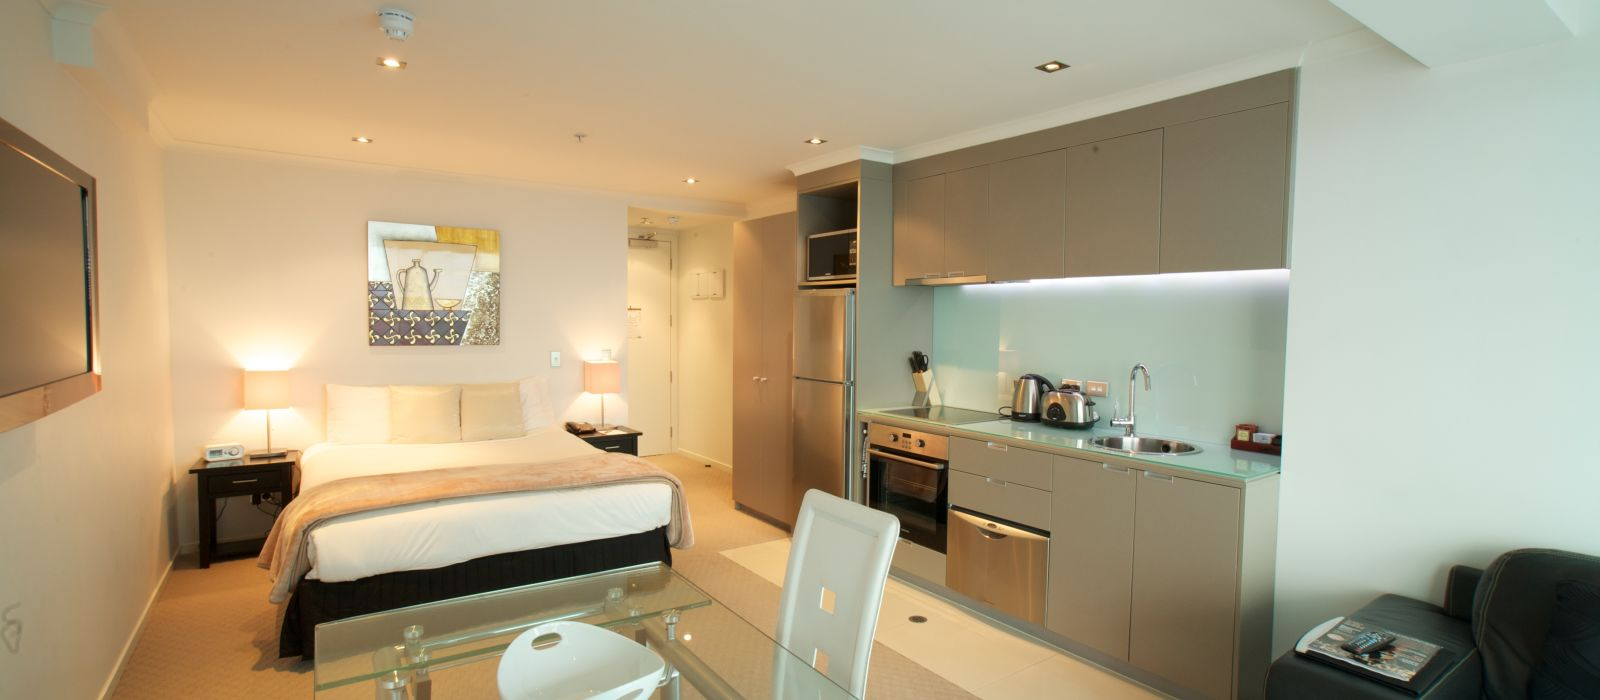 Hotel Distinction WLG Neuseeland